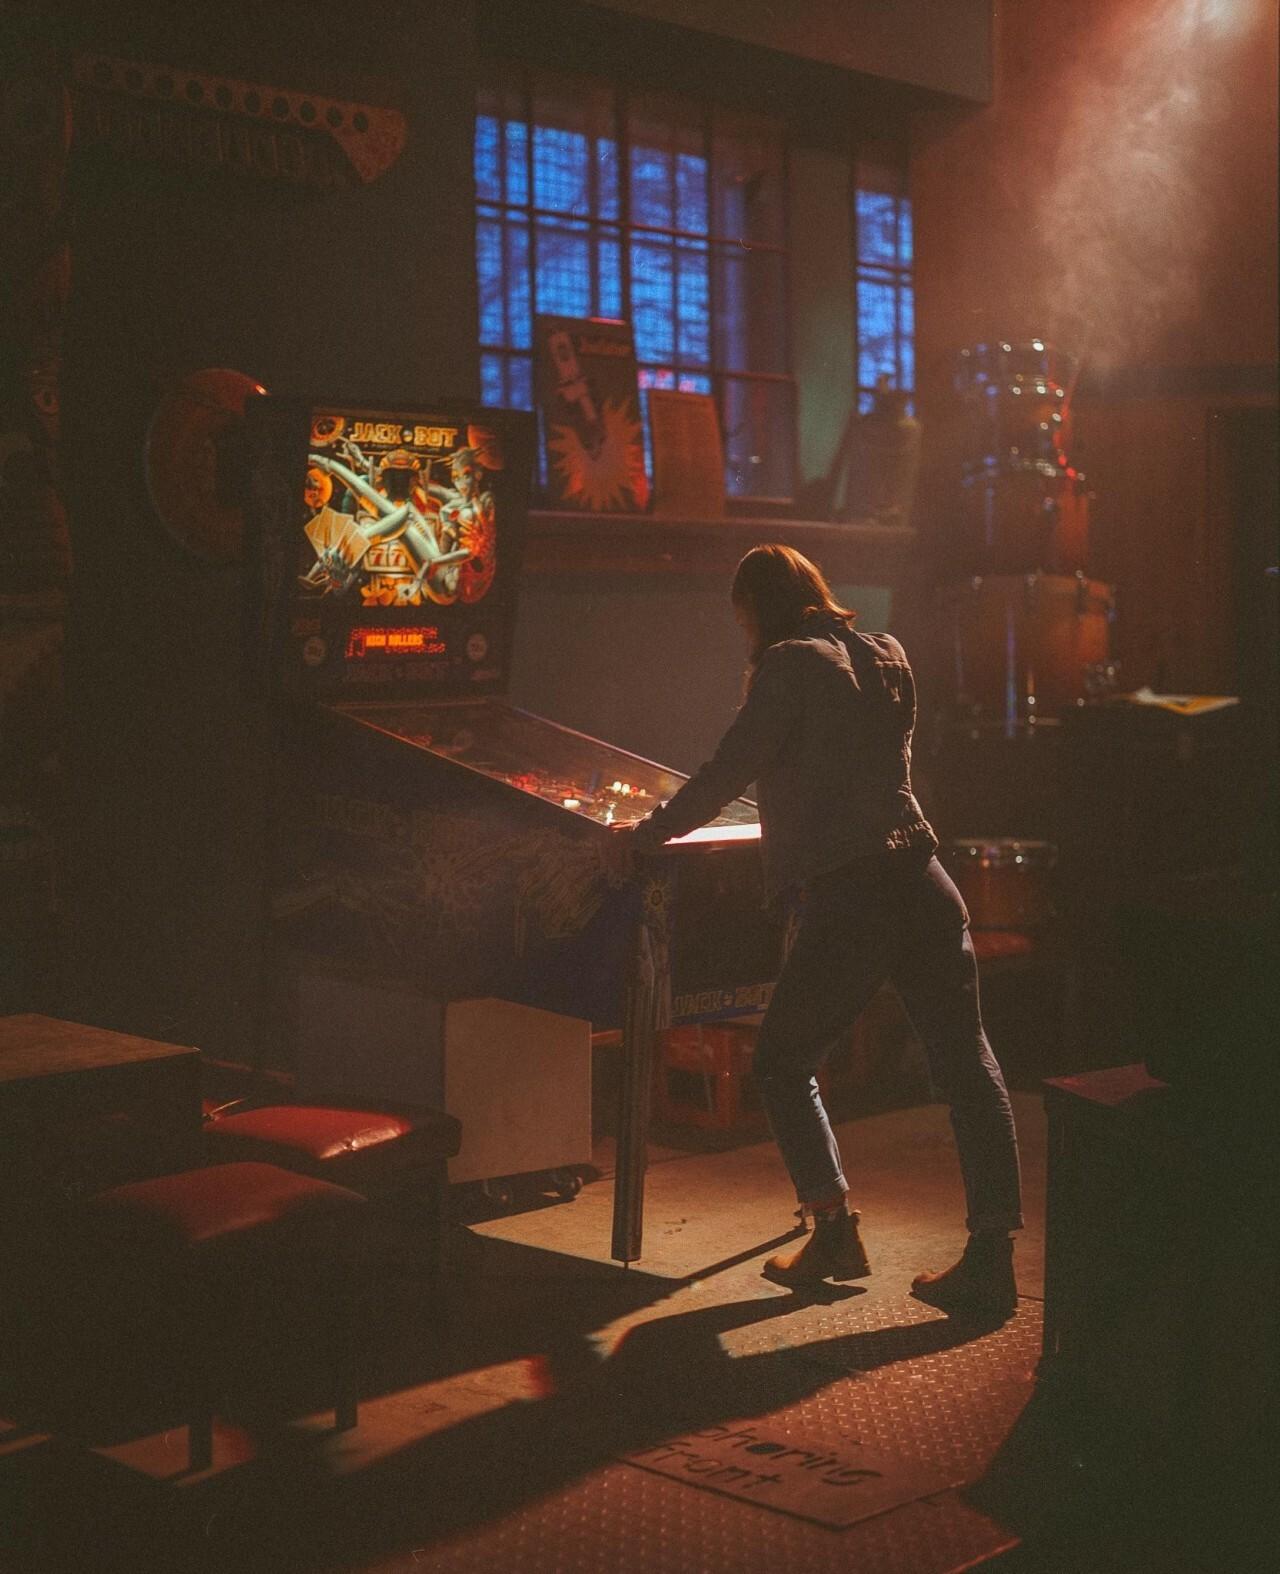 Девушка у игрового автомата. Фотограф Матеуш Журовски